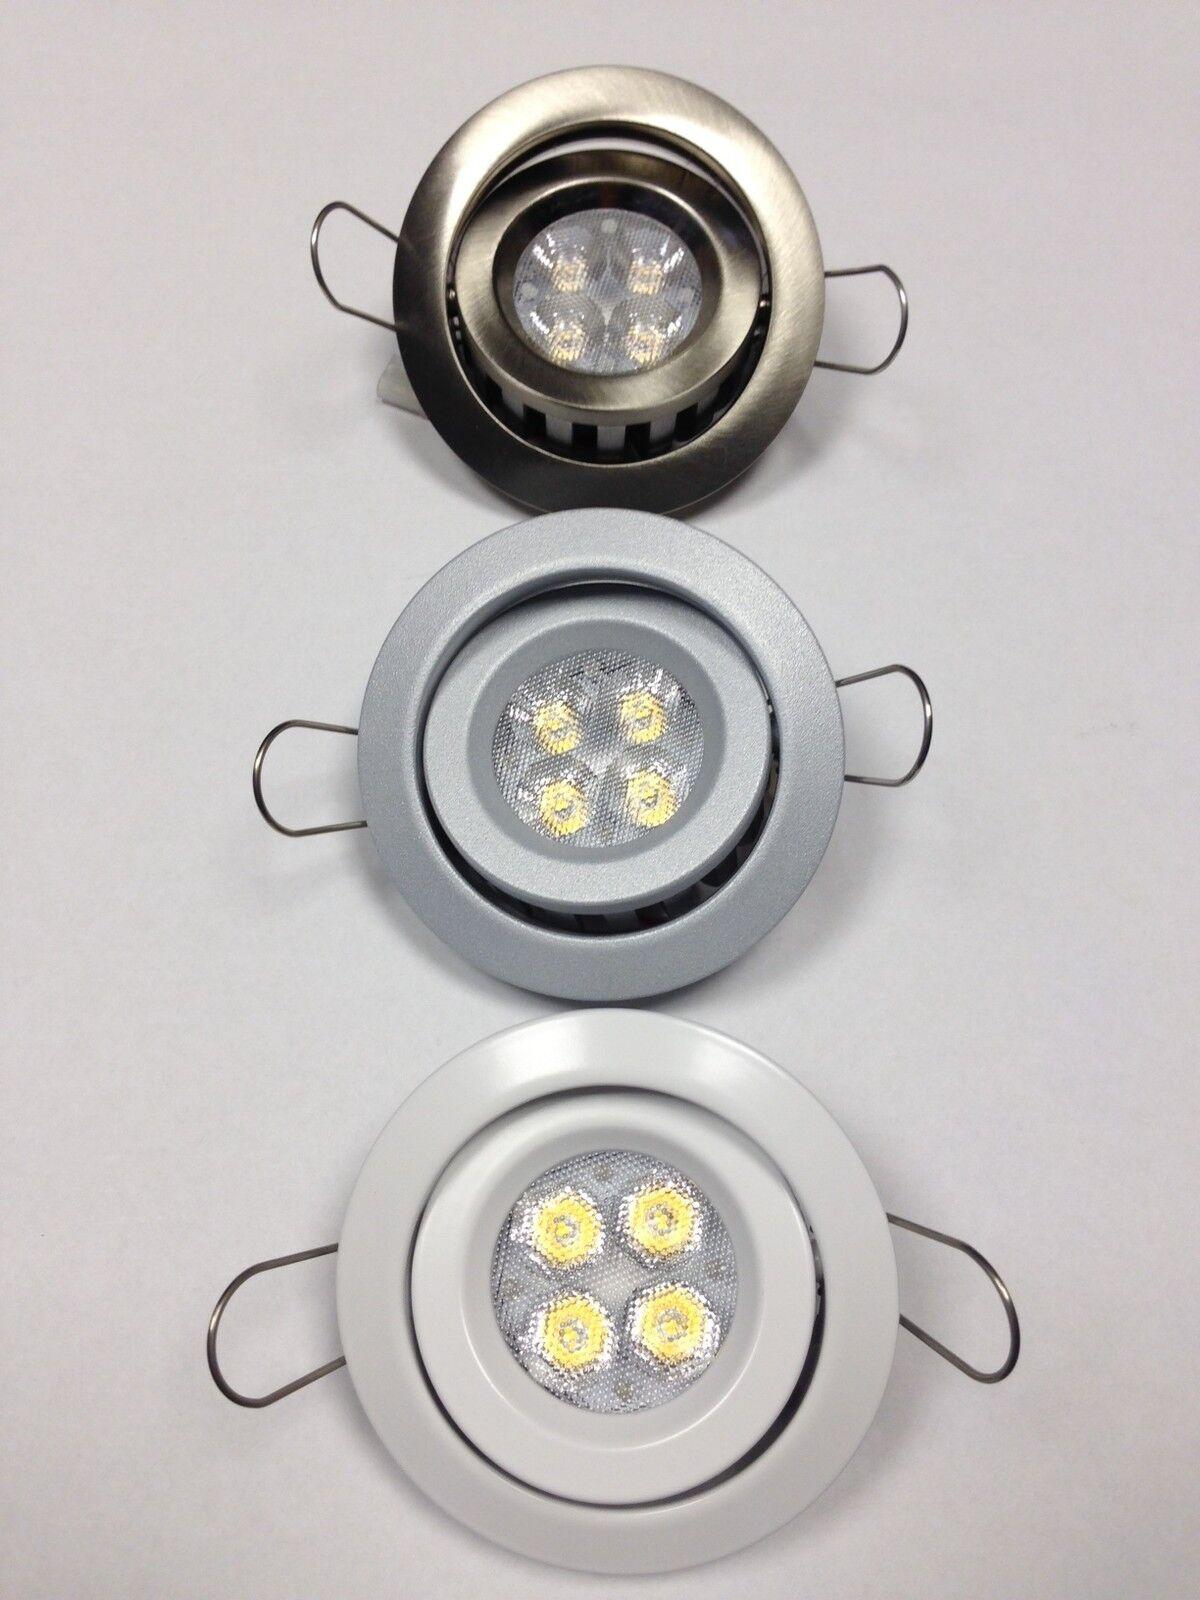 Spotlicht receipt Round Swivel LED Warm 3000 ° K 5w 60 ° 350ma Weiß grau